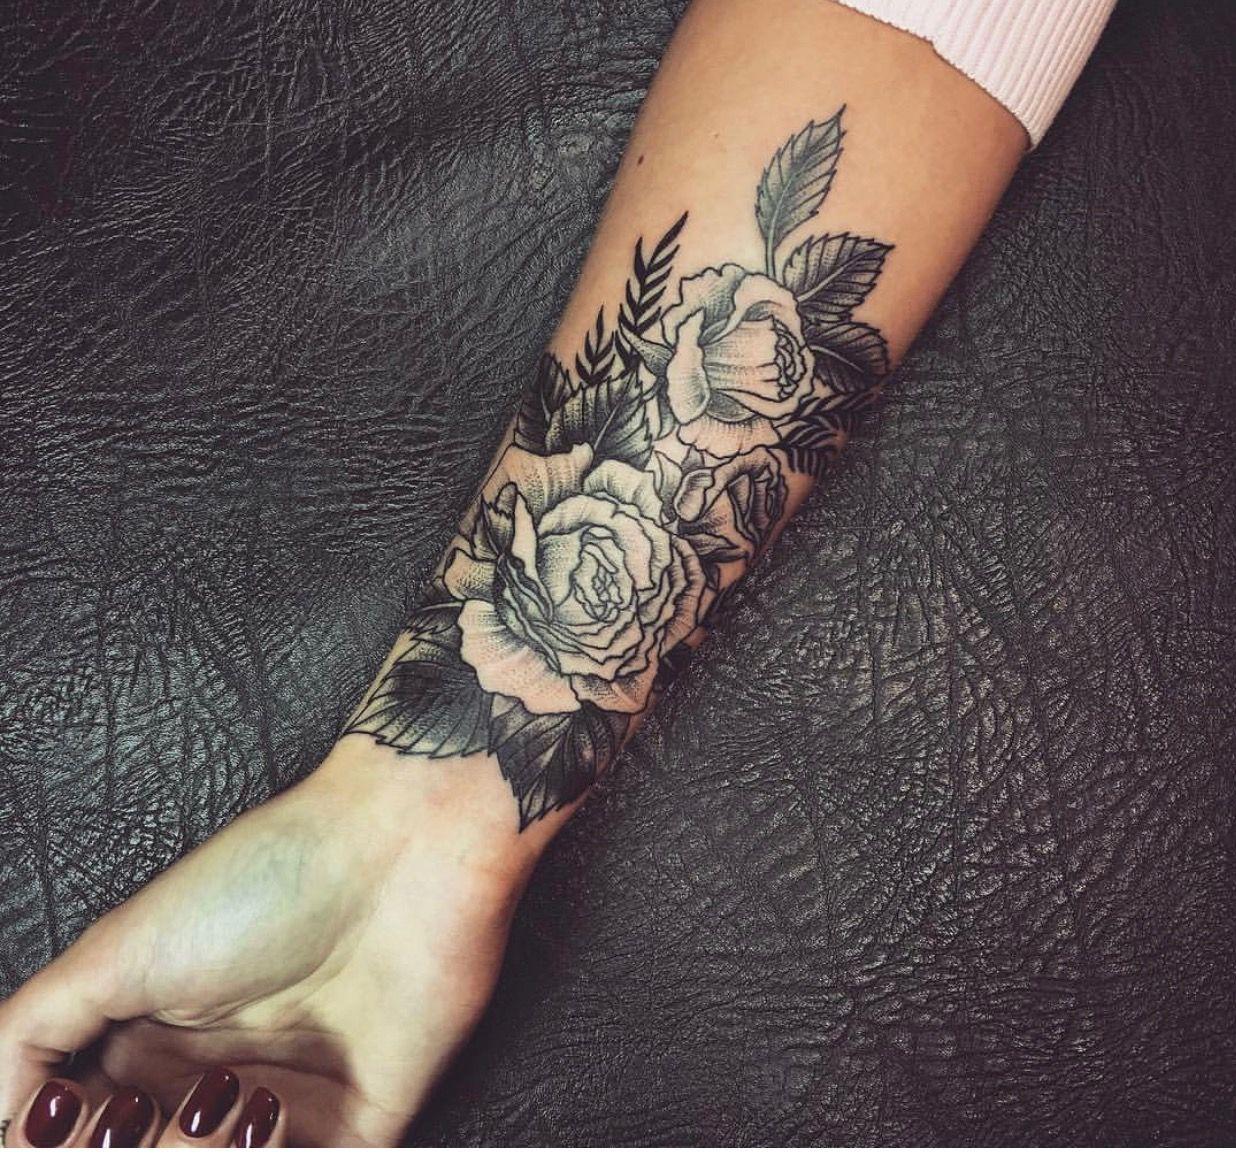 Tatty Tat ️ image by Samantha Johnson Flower wrist